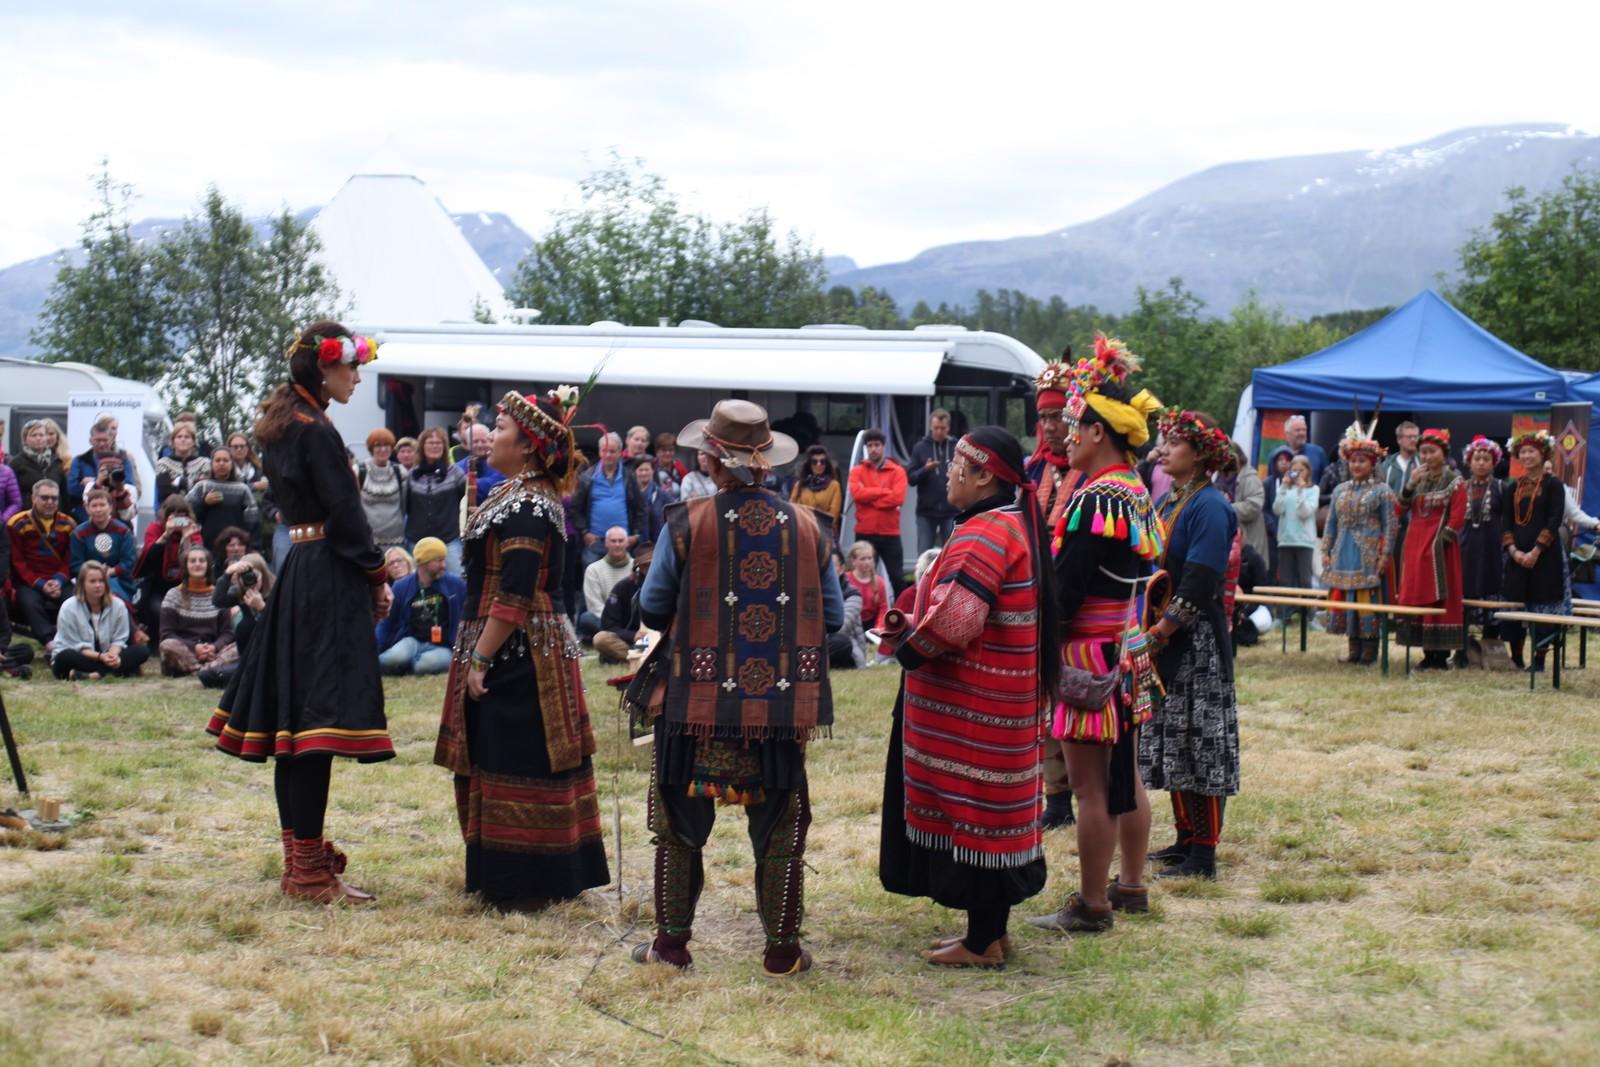 Festivalsjef Karoline Trollvik ble overrakt mange gaver fra årets nordlige folk, blant annet en tradisjonell blomsterkrans rundt hodet.